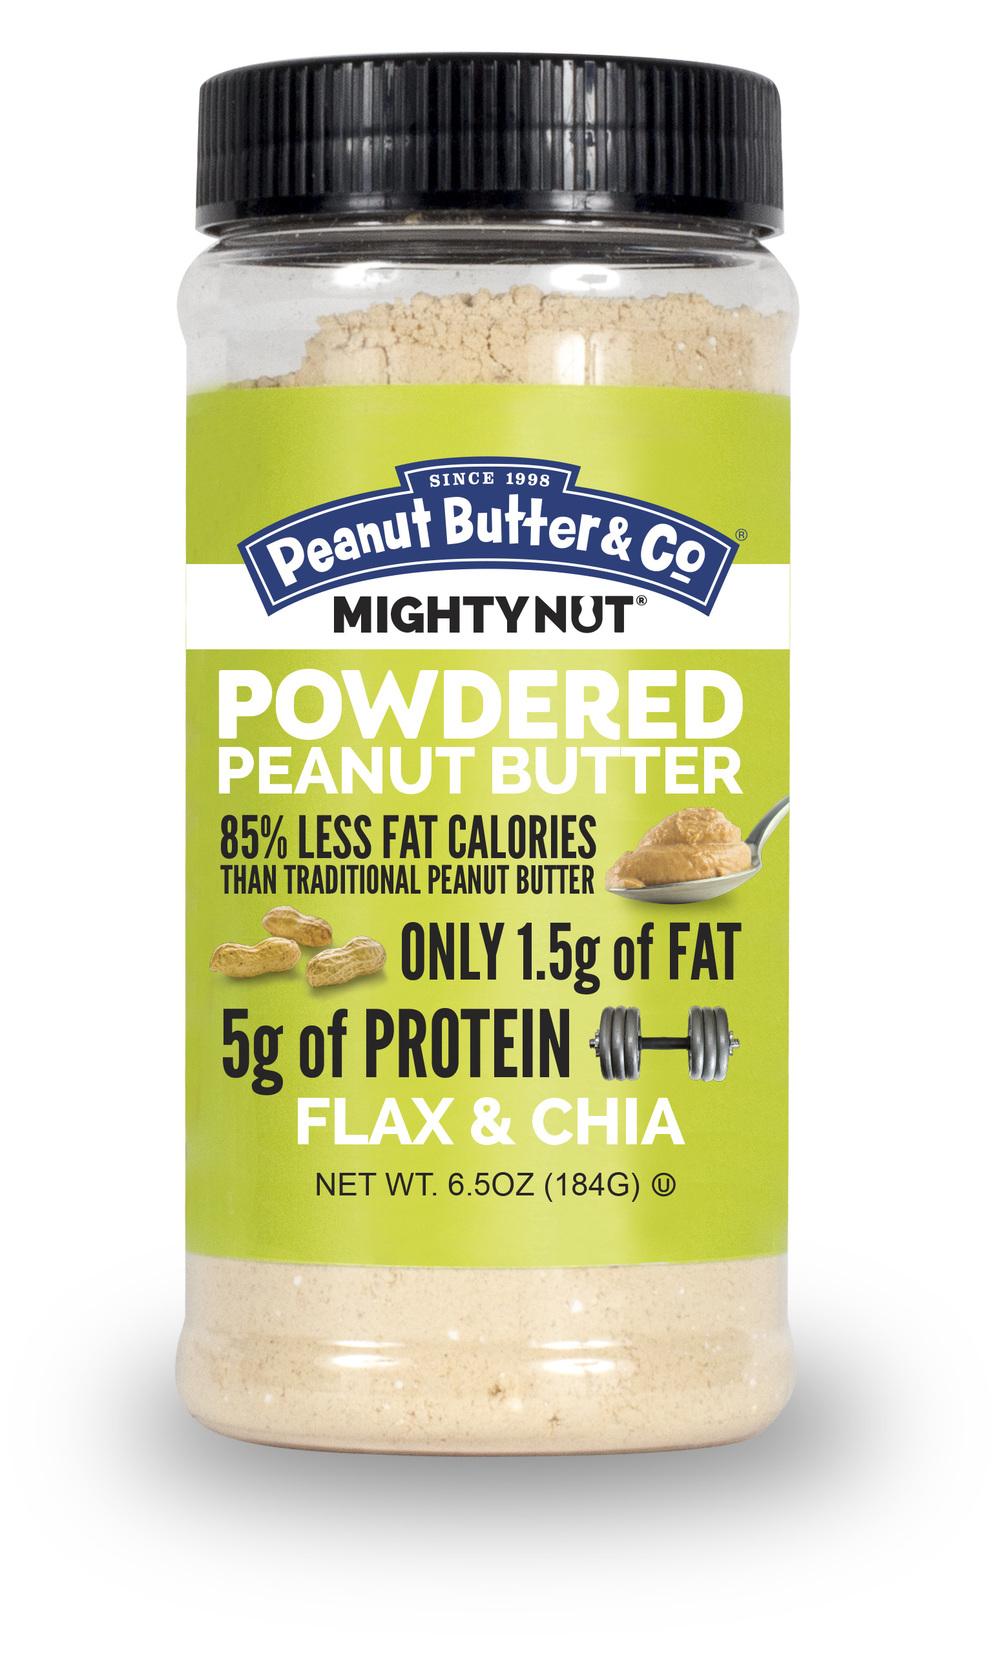 MightyNut-flax-chia-Powdered-peanut-butter.jpg